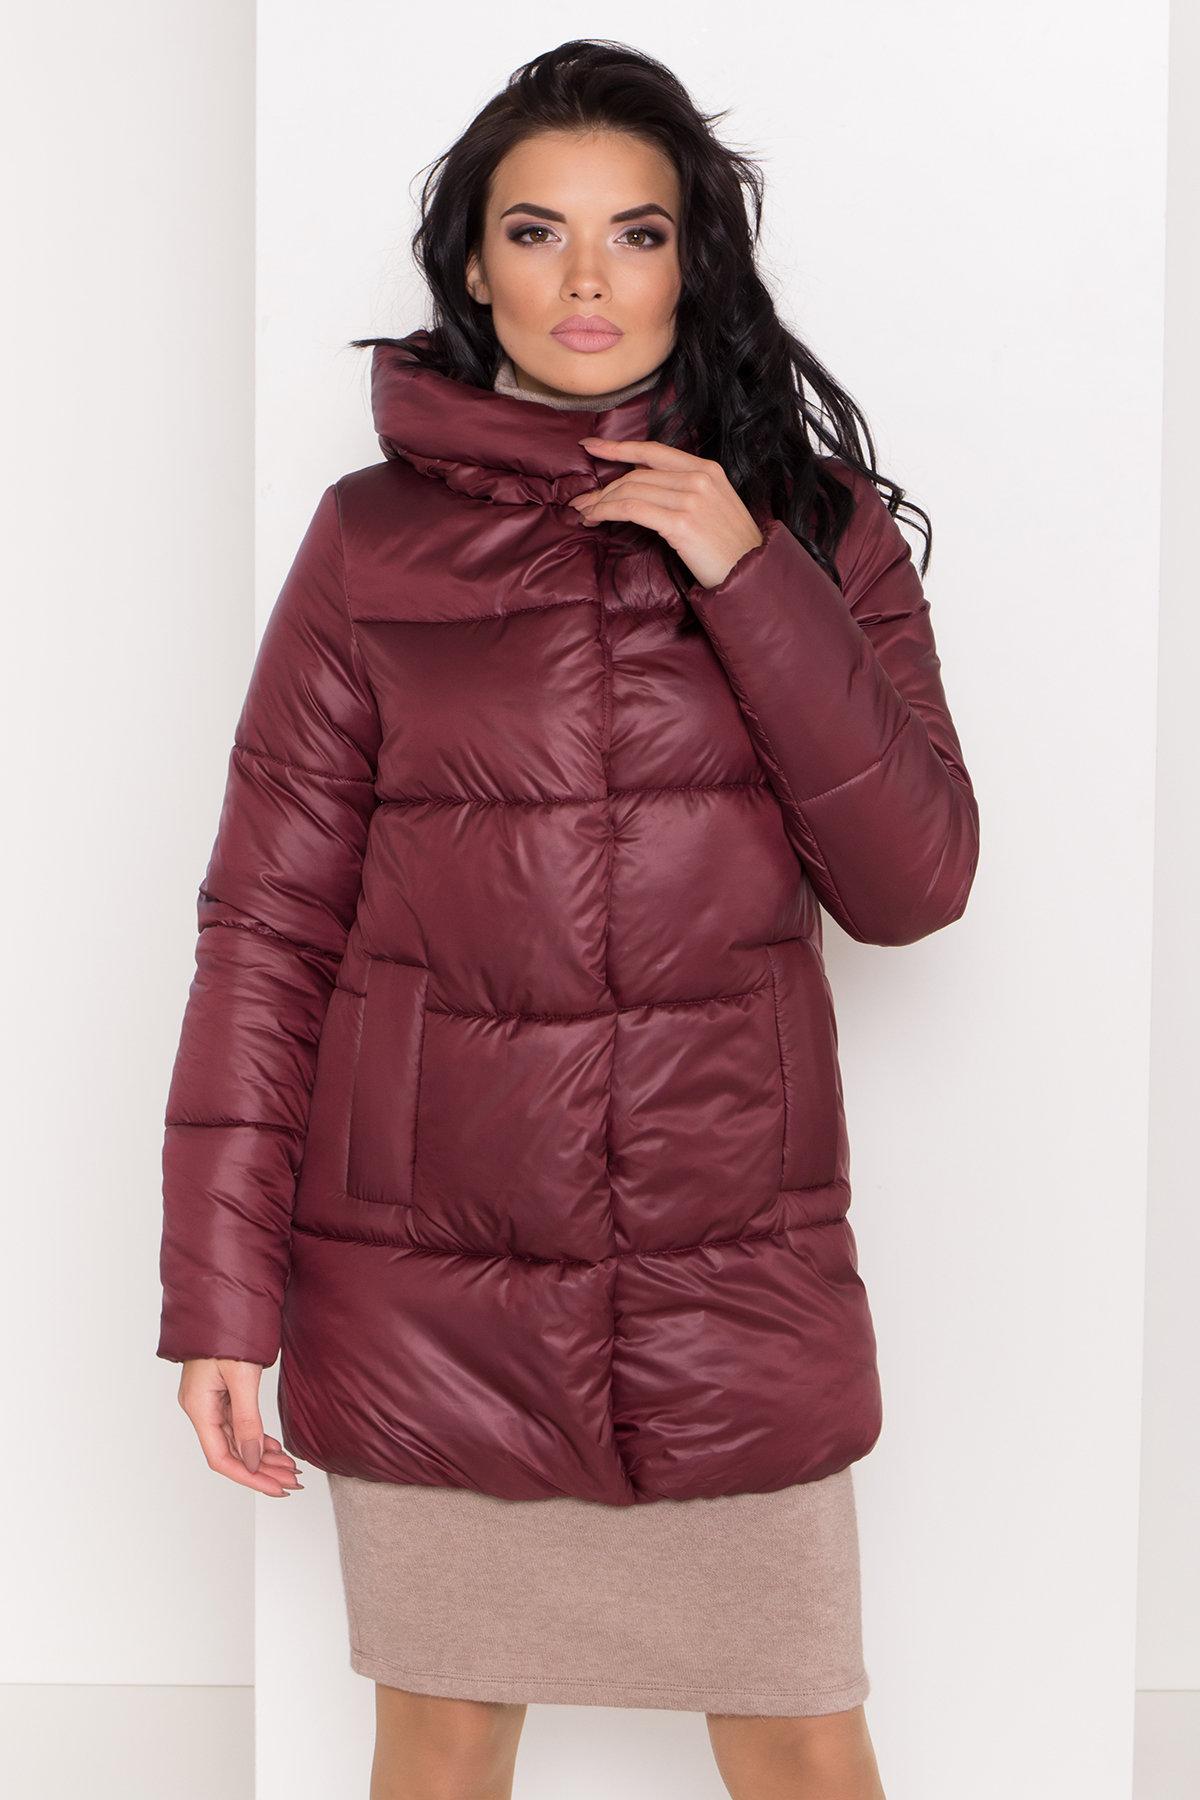 Женская зимняя куртка пуховик Техас Лаке 8238 АРТ. 44286 Цвет: Бордо - фото 4, интернет магазин tm-modus.ru